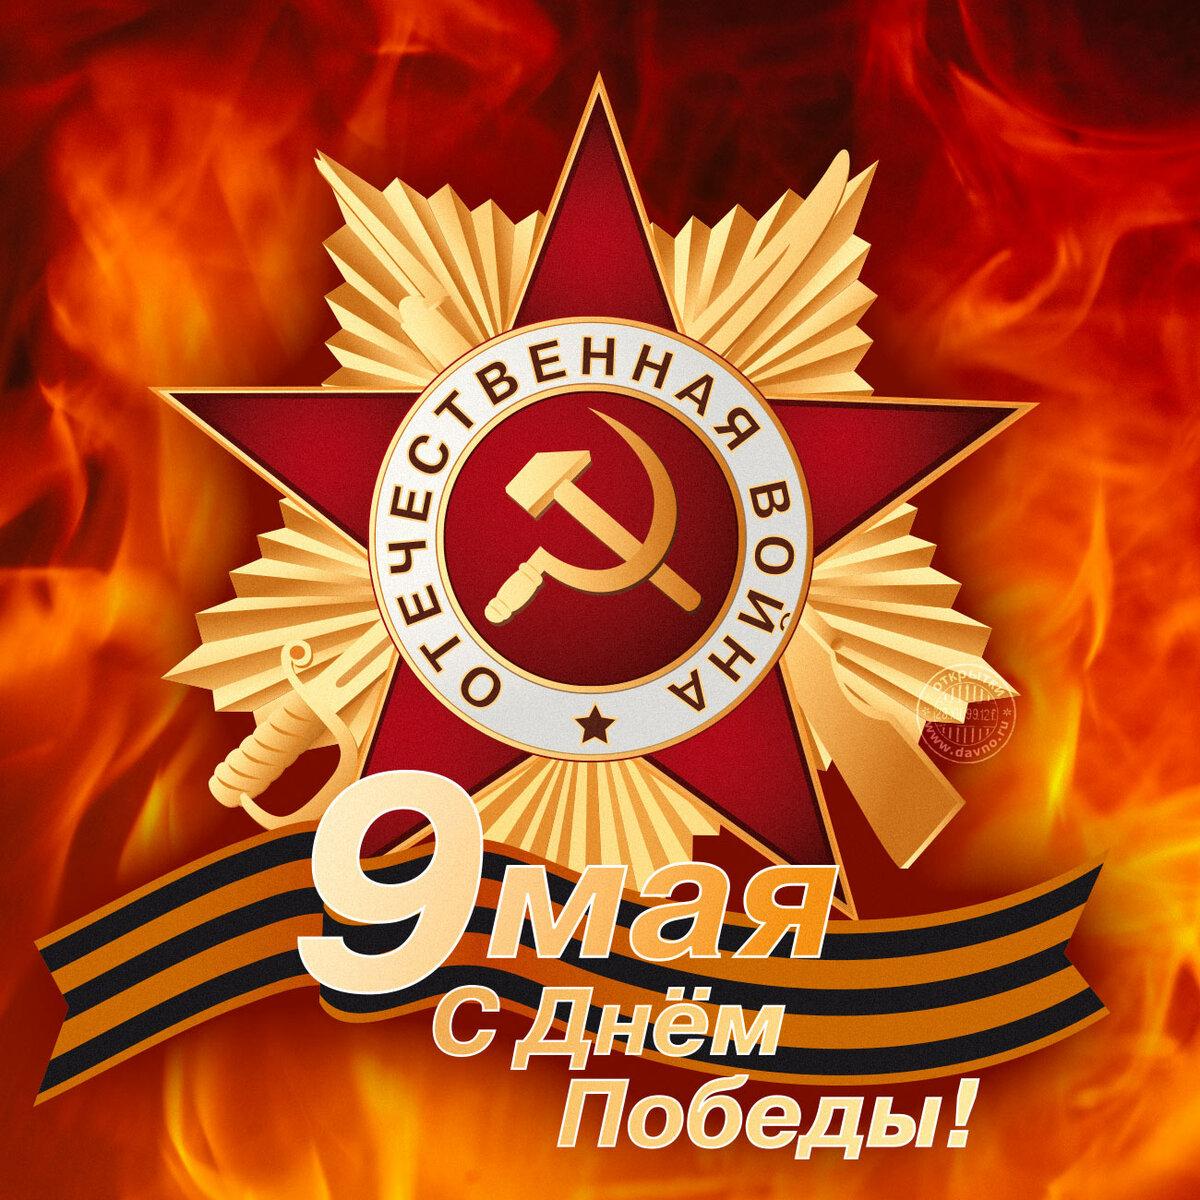 Картинки к празднику победы в великой отечественной войне, февраля поэтапно